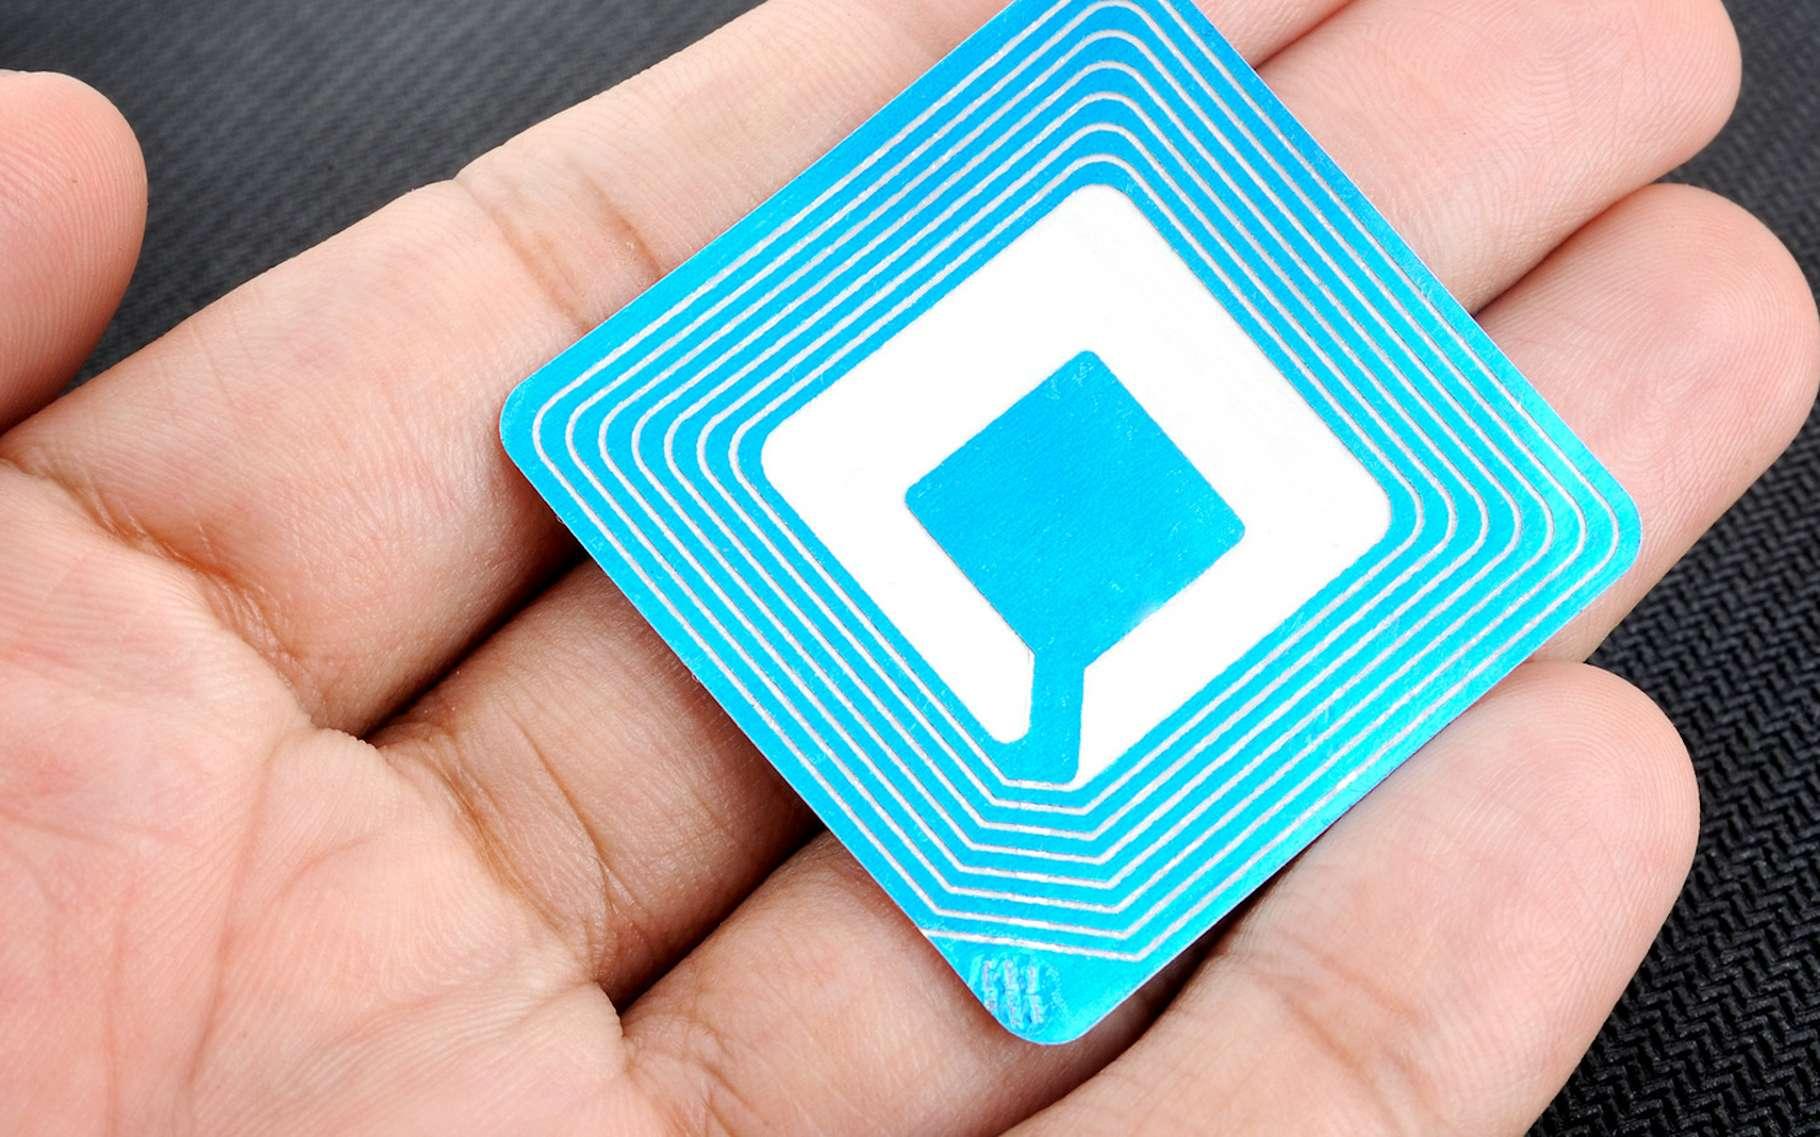 La RFID permet de stocker des données et de les récupérer ensuite, le tout pouvant se faire à distance. © NorGal, Fotolia